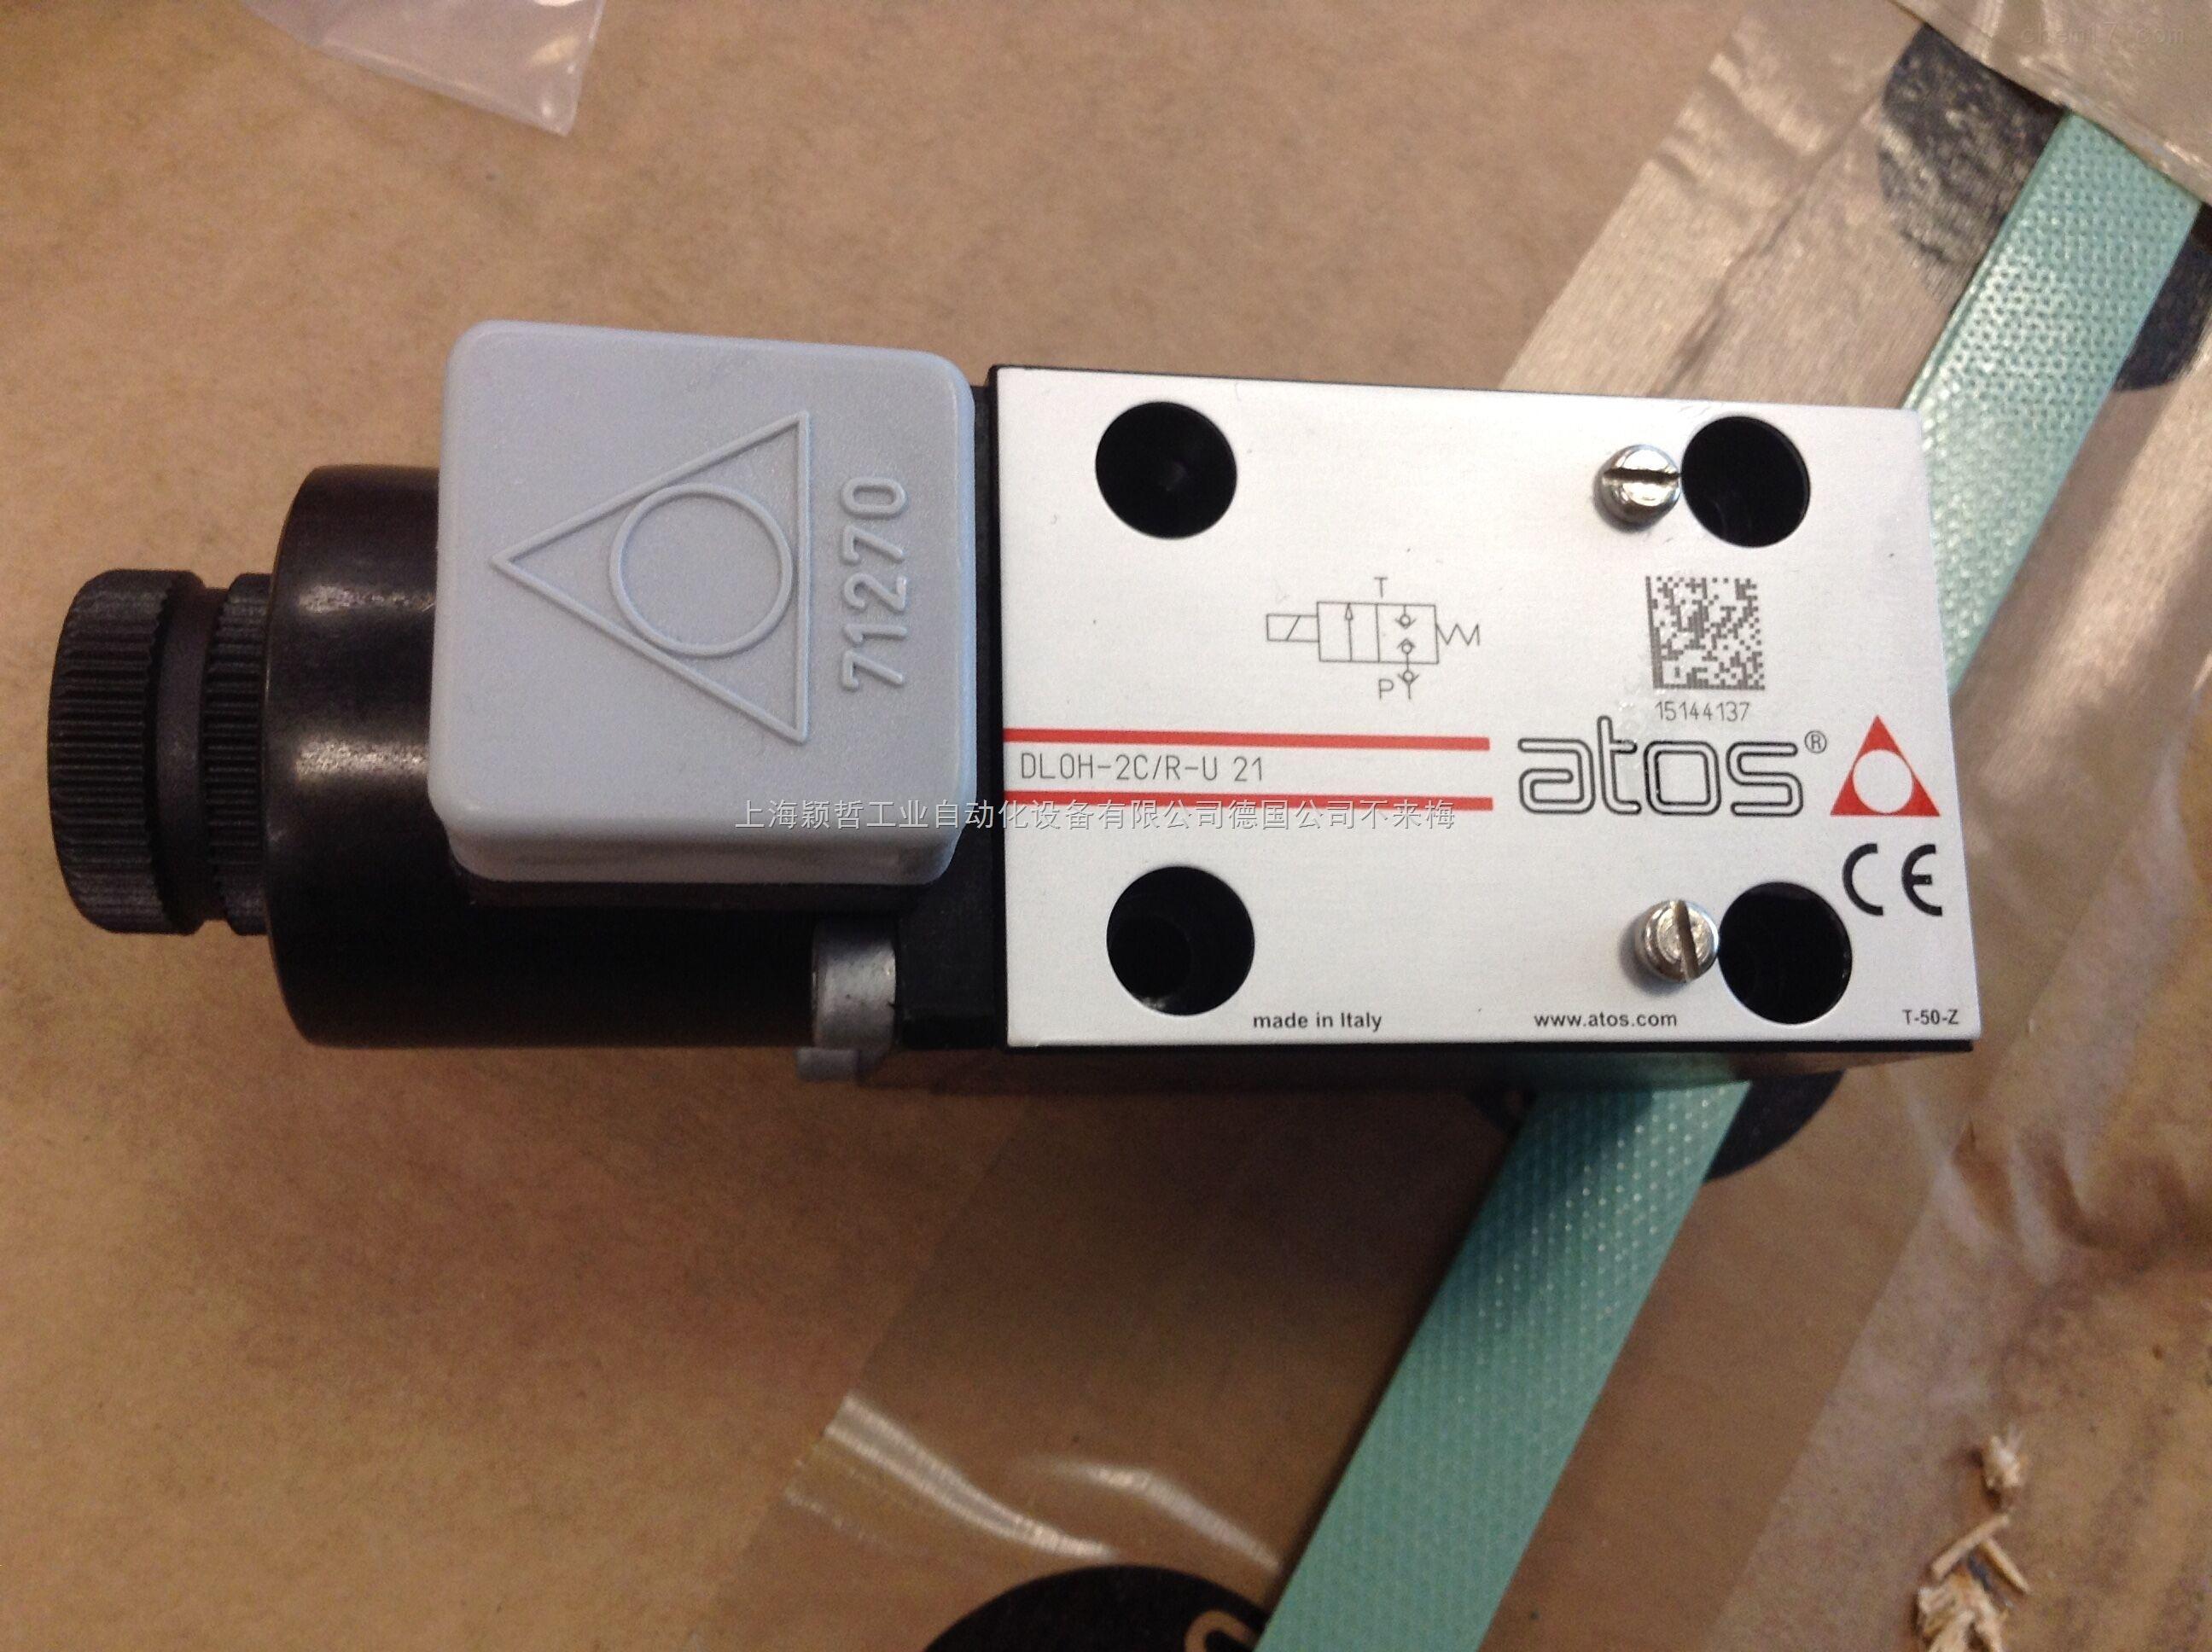 atos阿托斯液压齿轮泵长三角备货图片